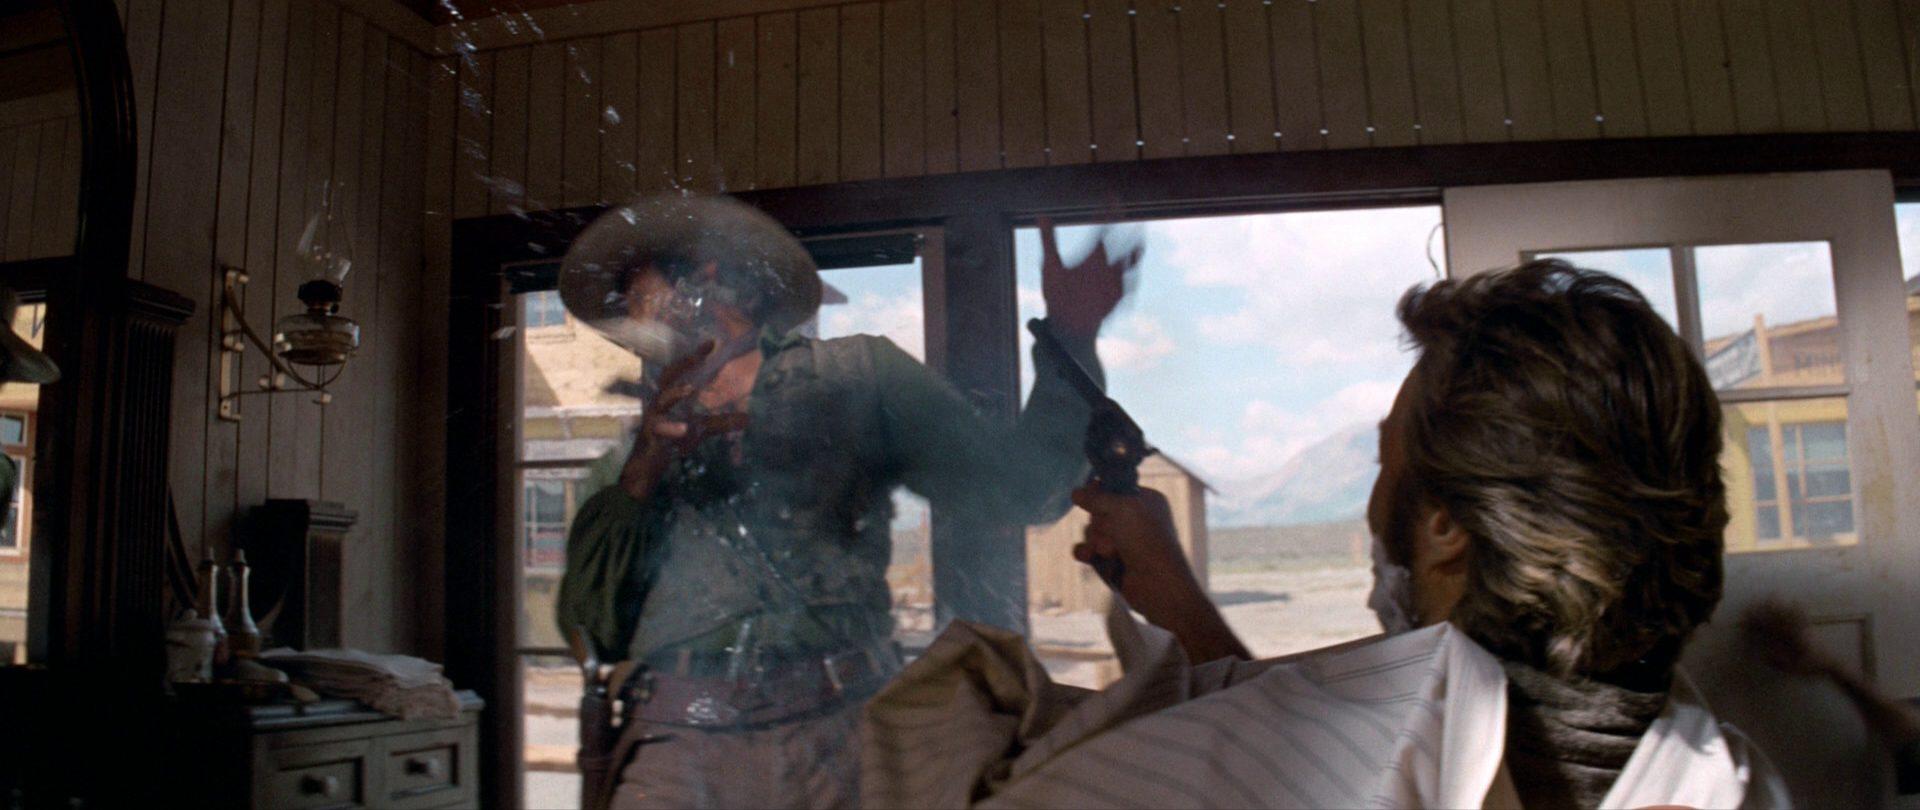 Vom Barbierstuhl aus erschießt Clint Eastwood als namenloser Fremder einen Kontrahenten.